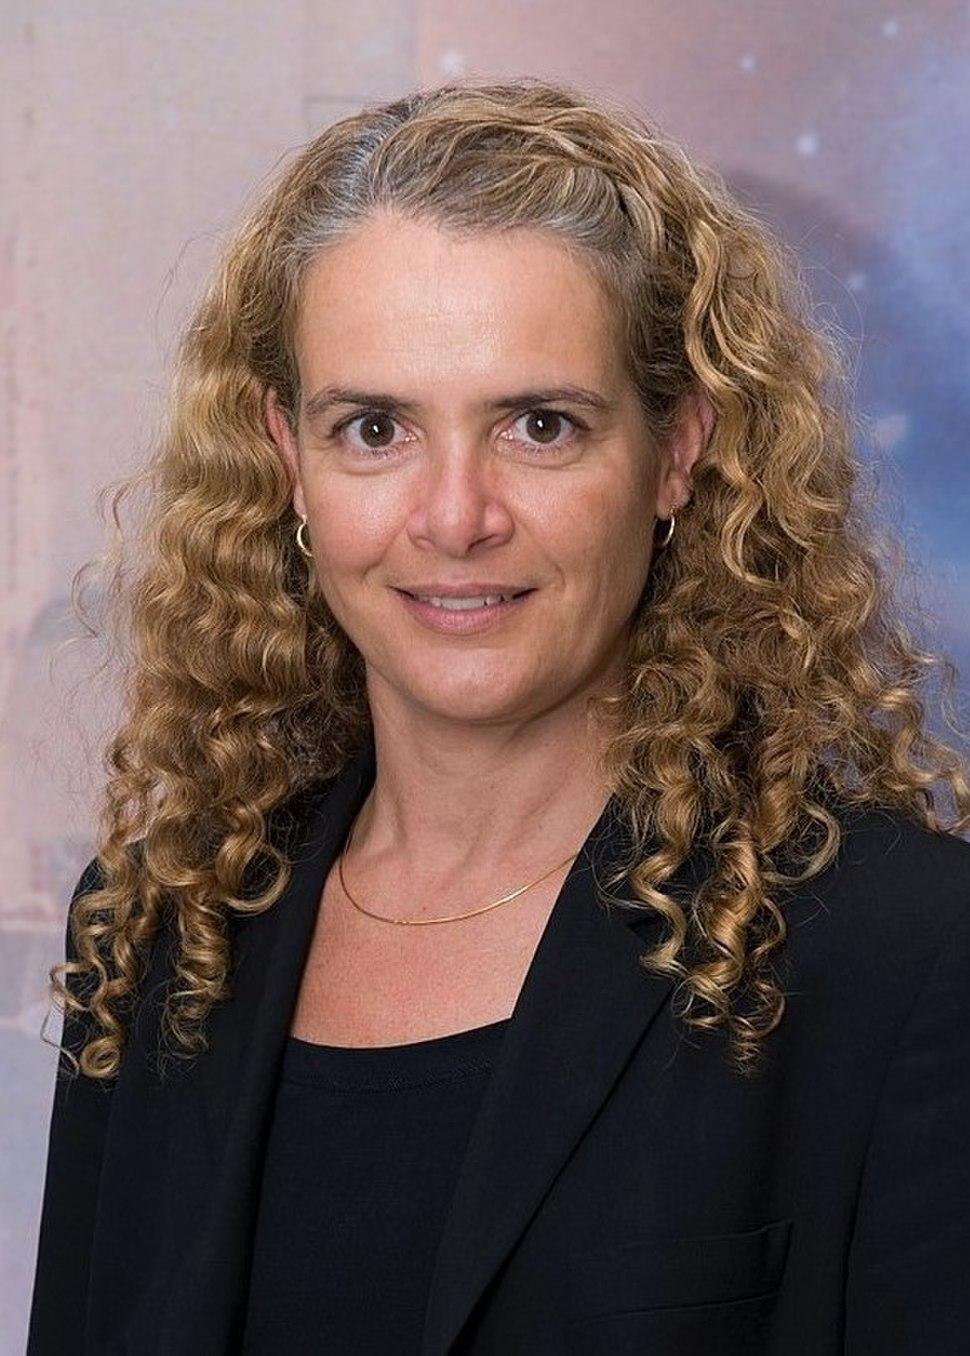 Julie Payette - JSC2009e123567 - cropped